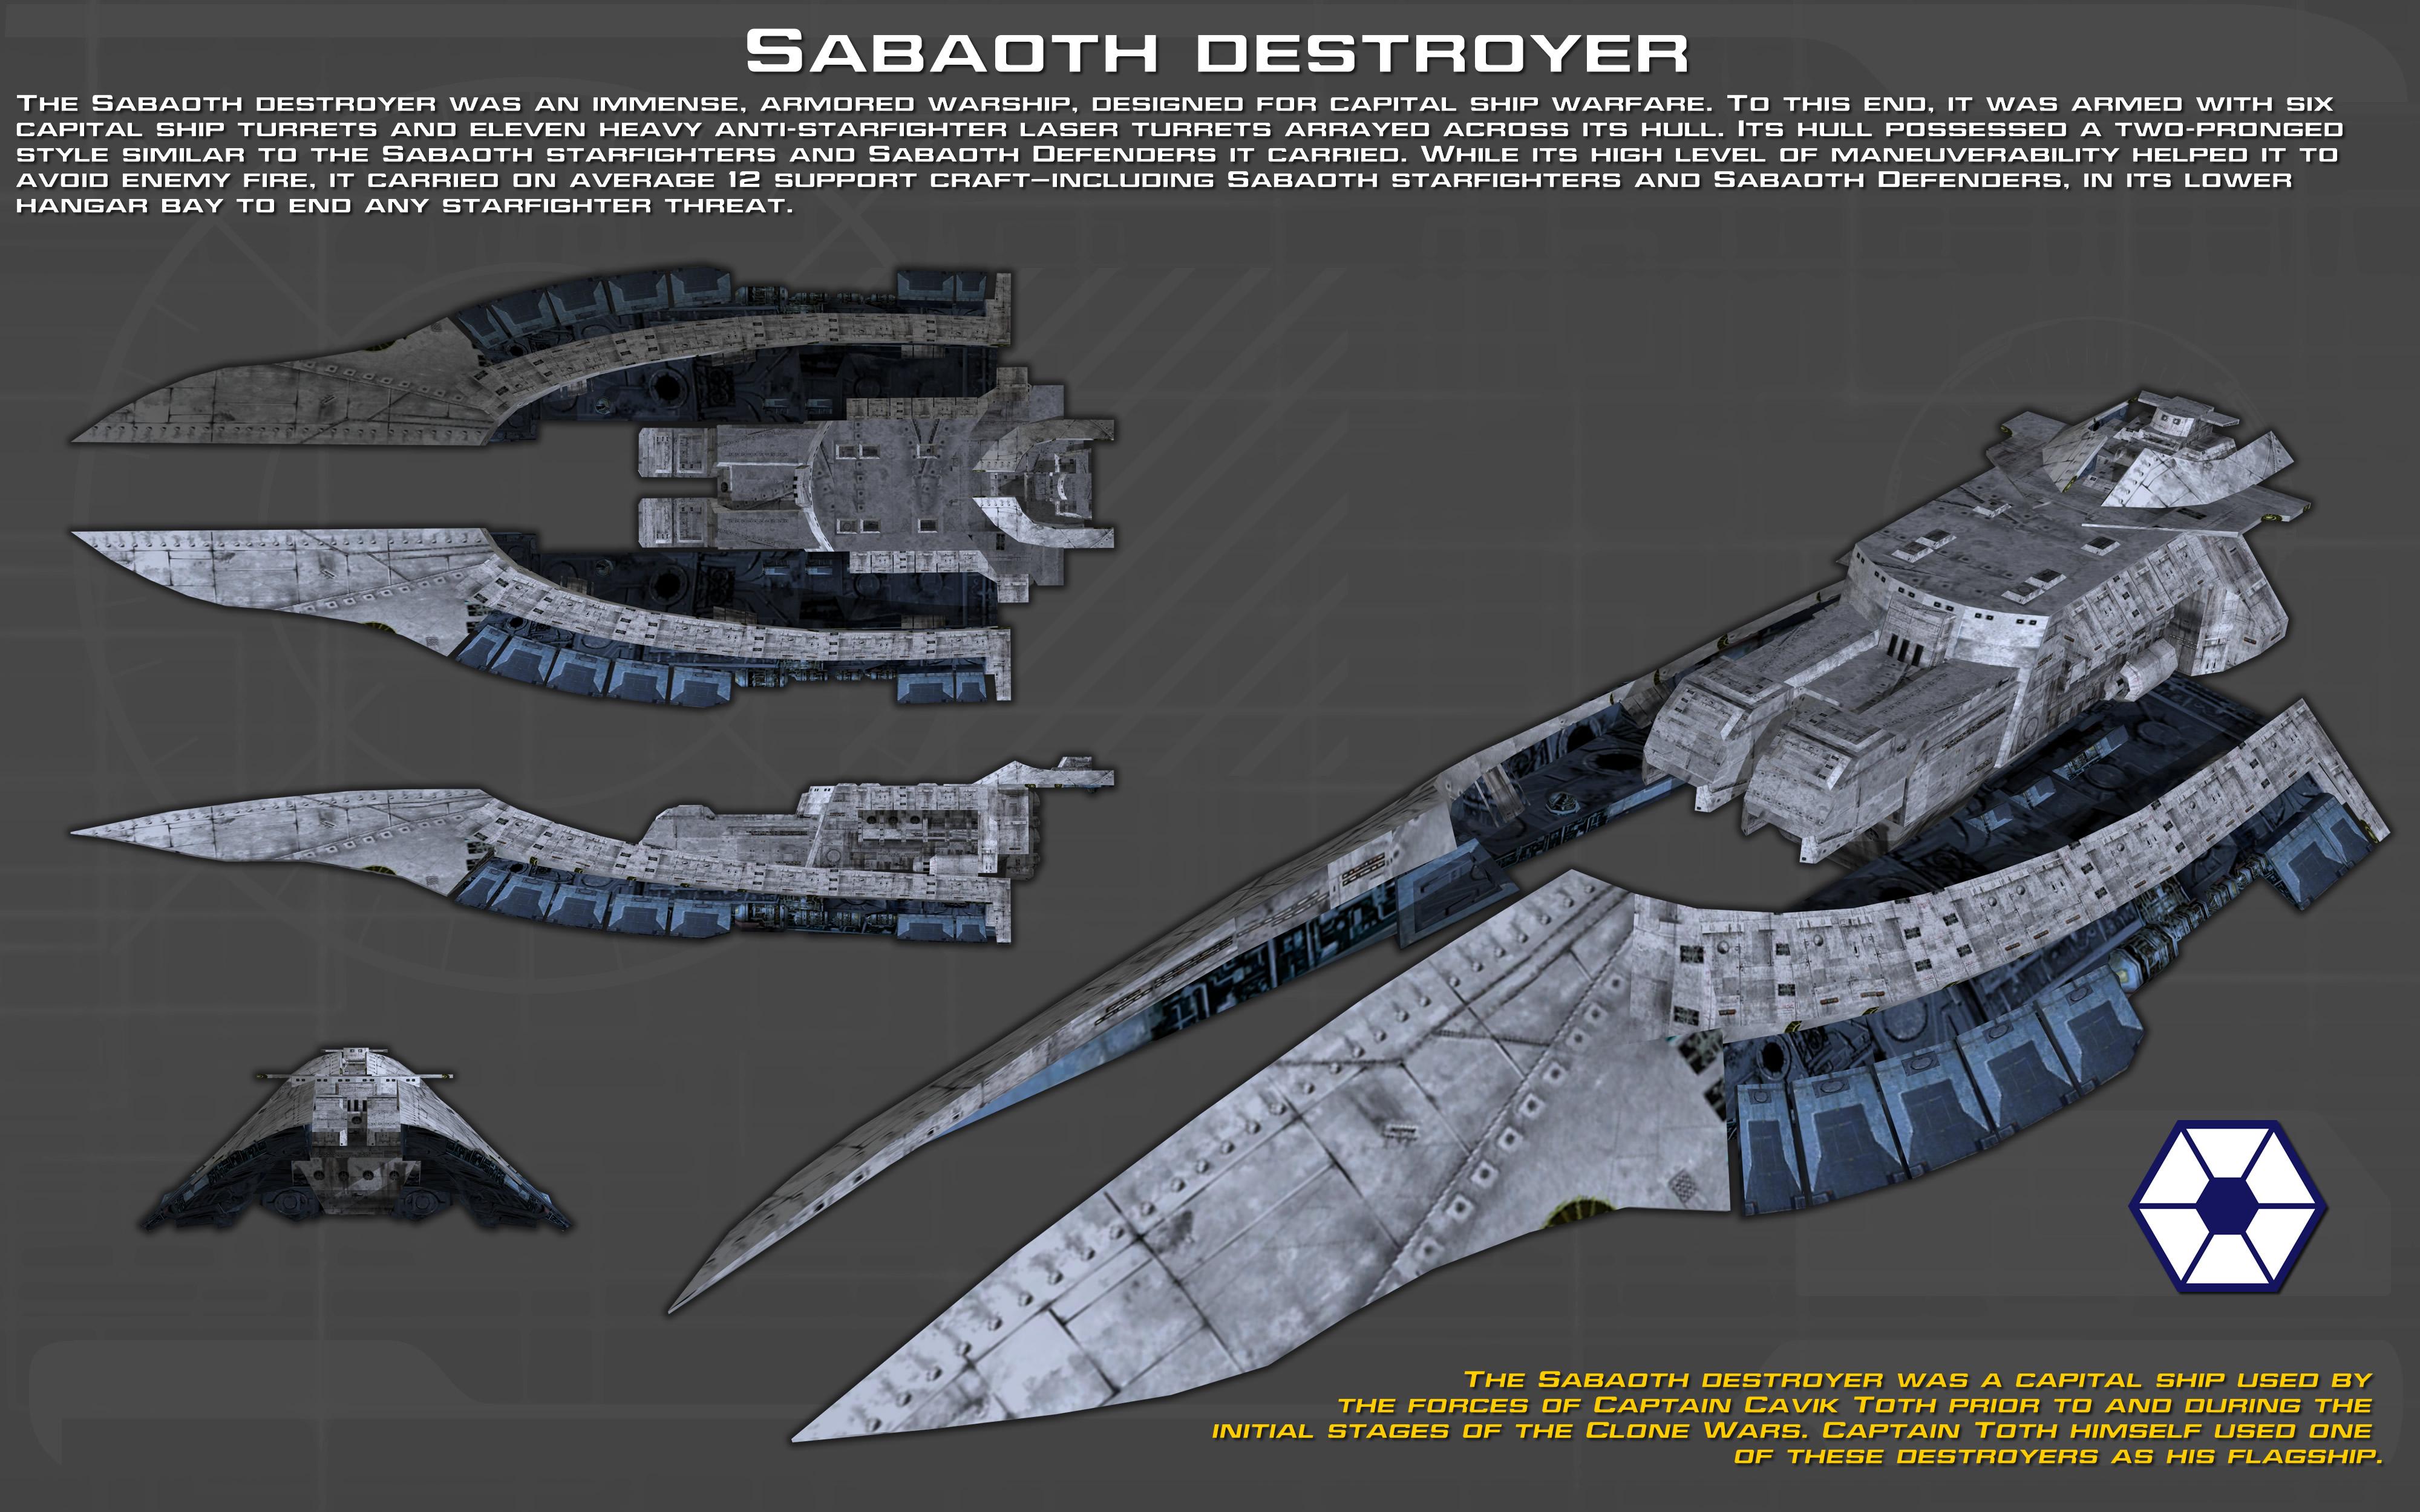 Sabaoth Destroyer Ortho New By Unusualsuspex On DeviantArt